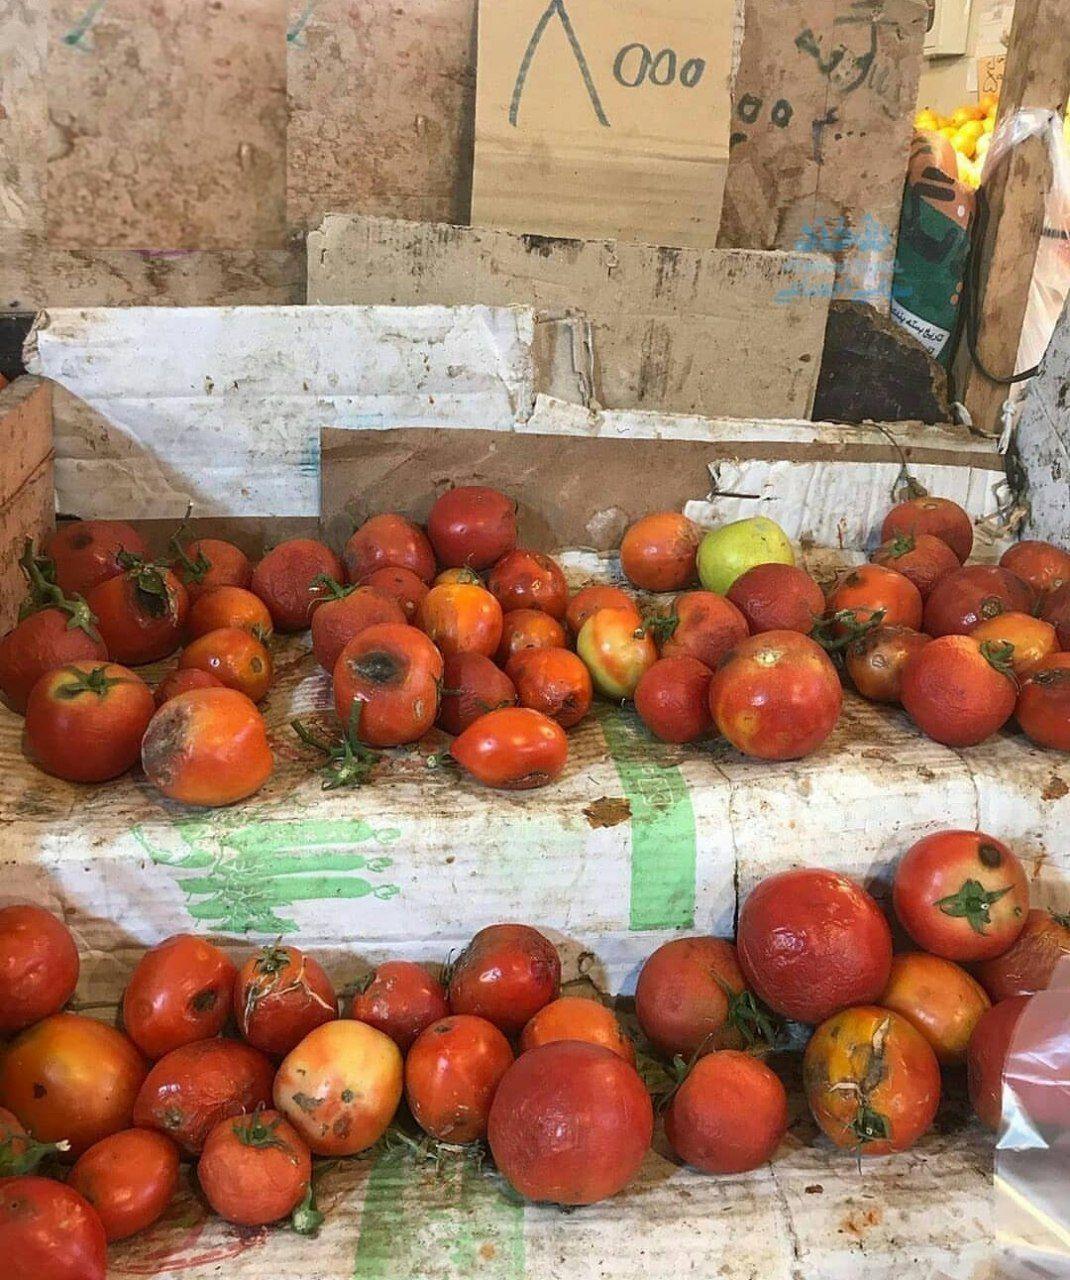 گوجه گندیده کیلویی ۸ هزار تومان! + عکس